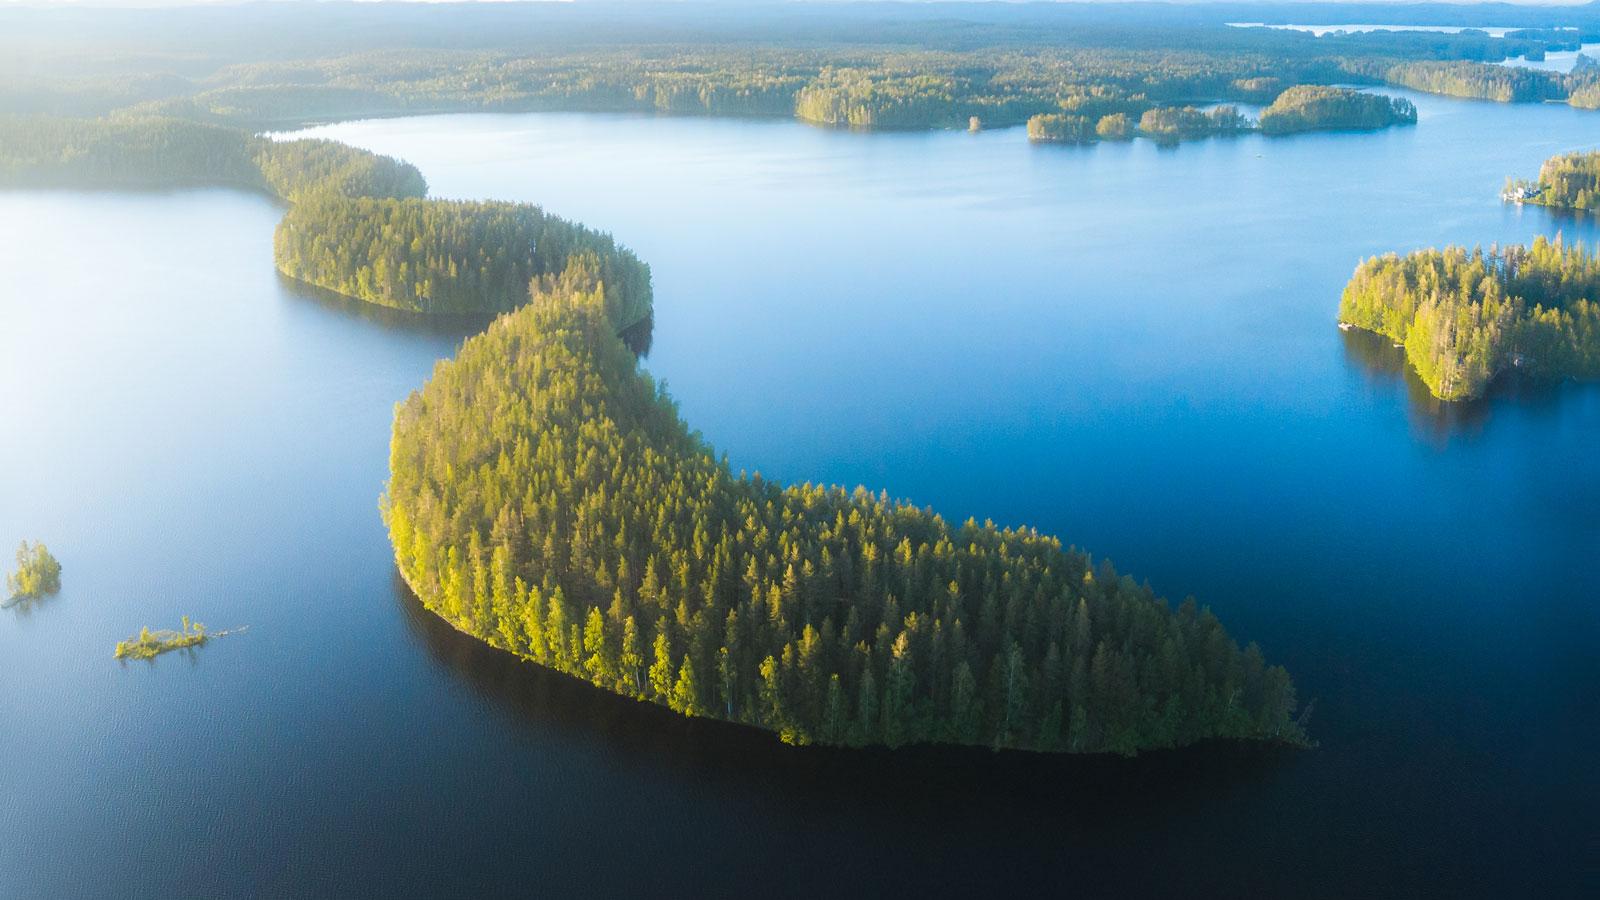 joutsniemi_01_srgb_300ppi_leivonmaen-kansallispuisto_jukka-paakkinen